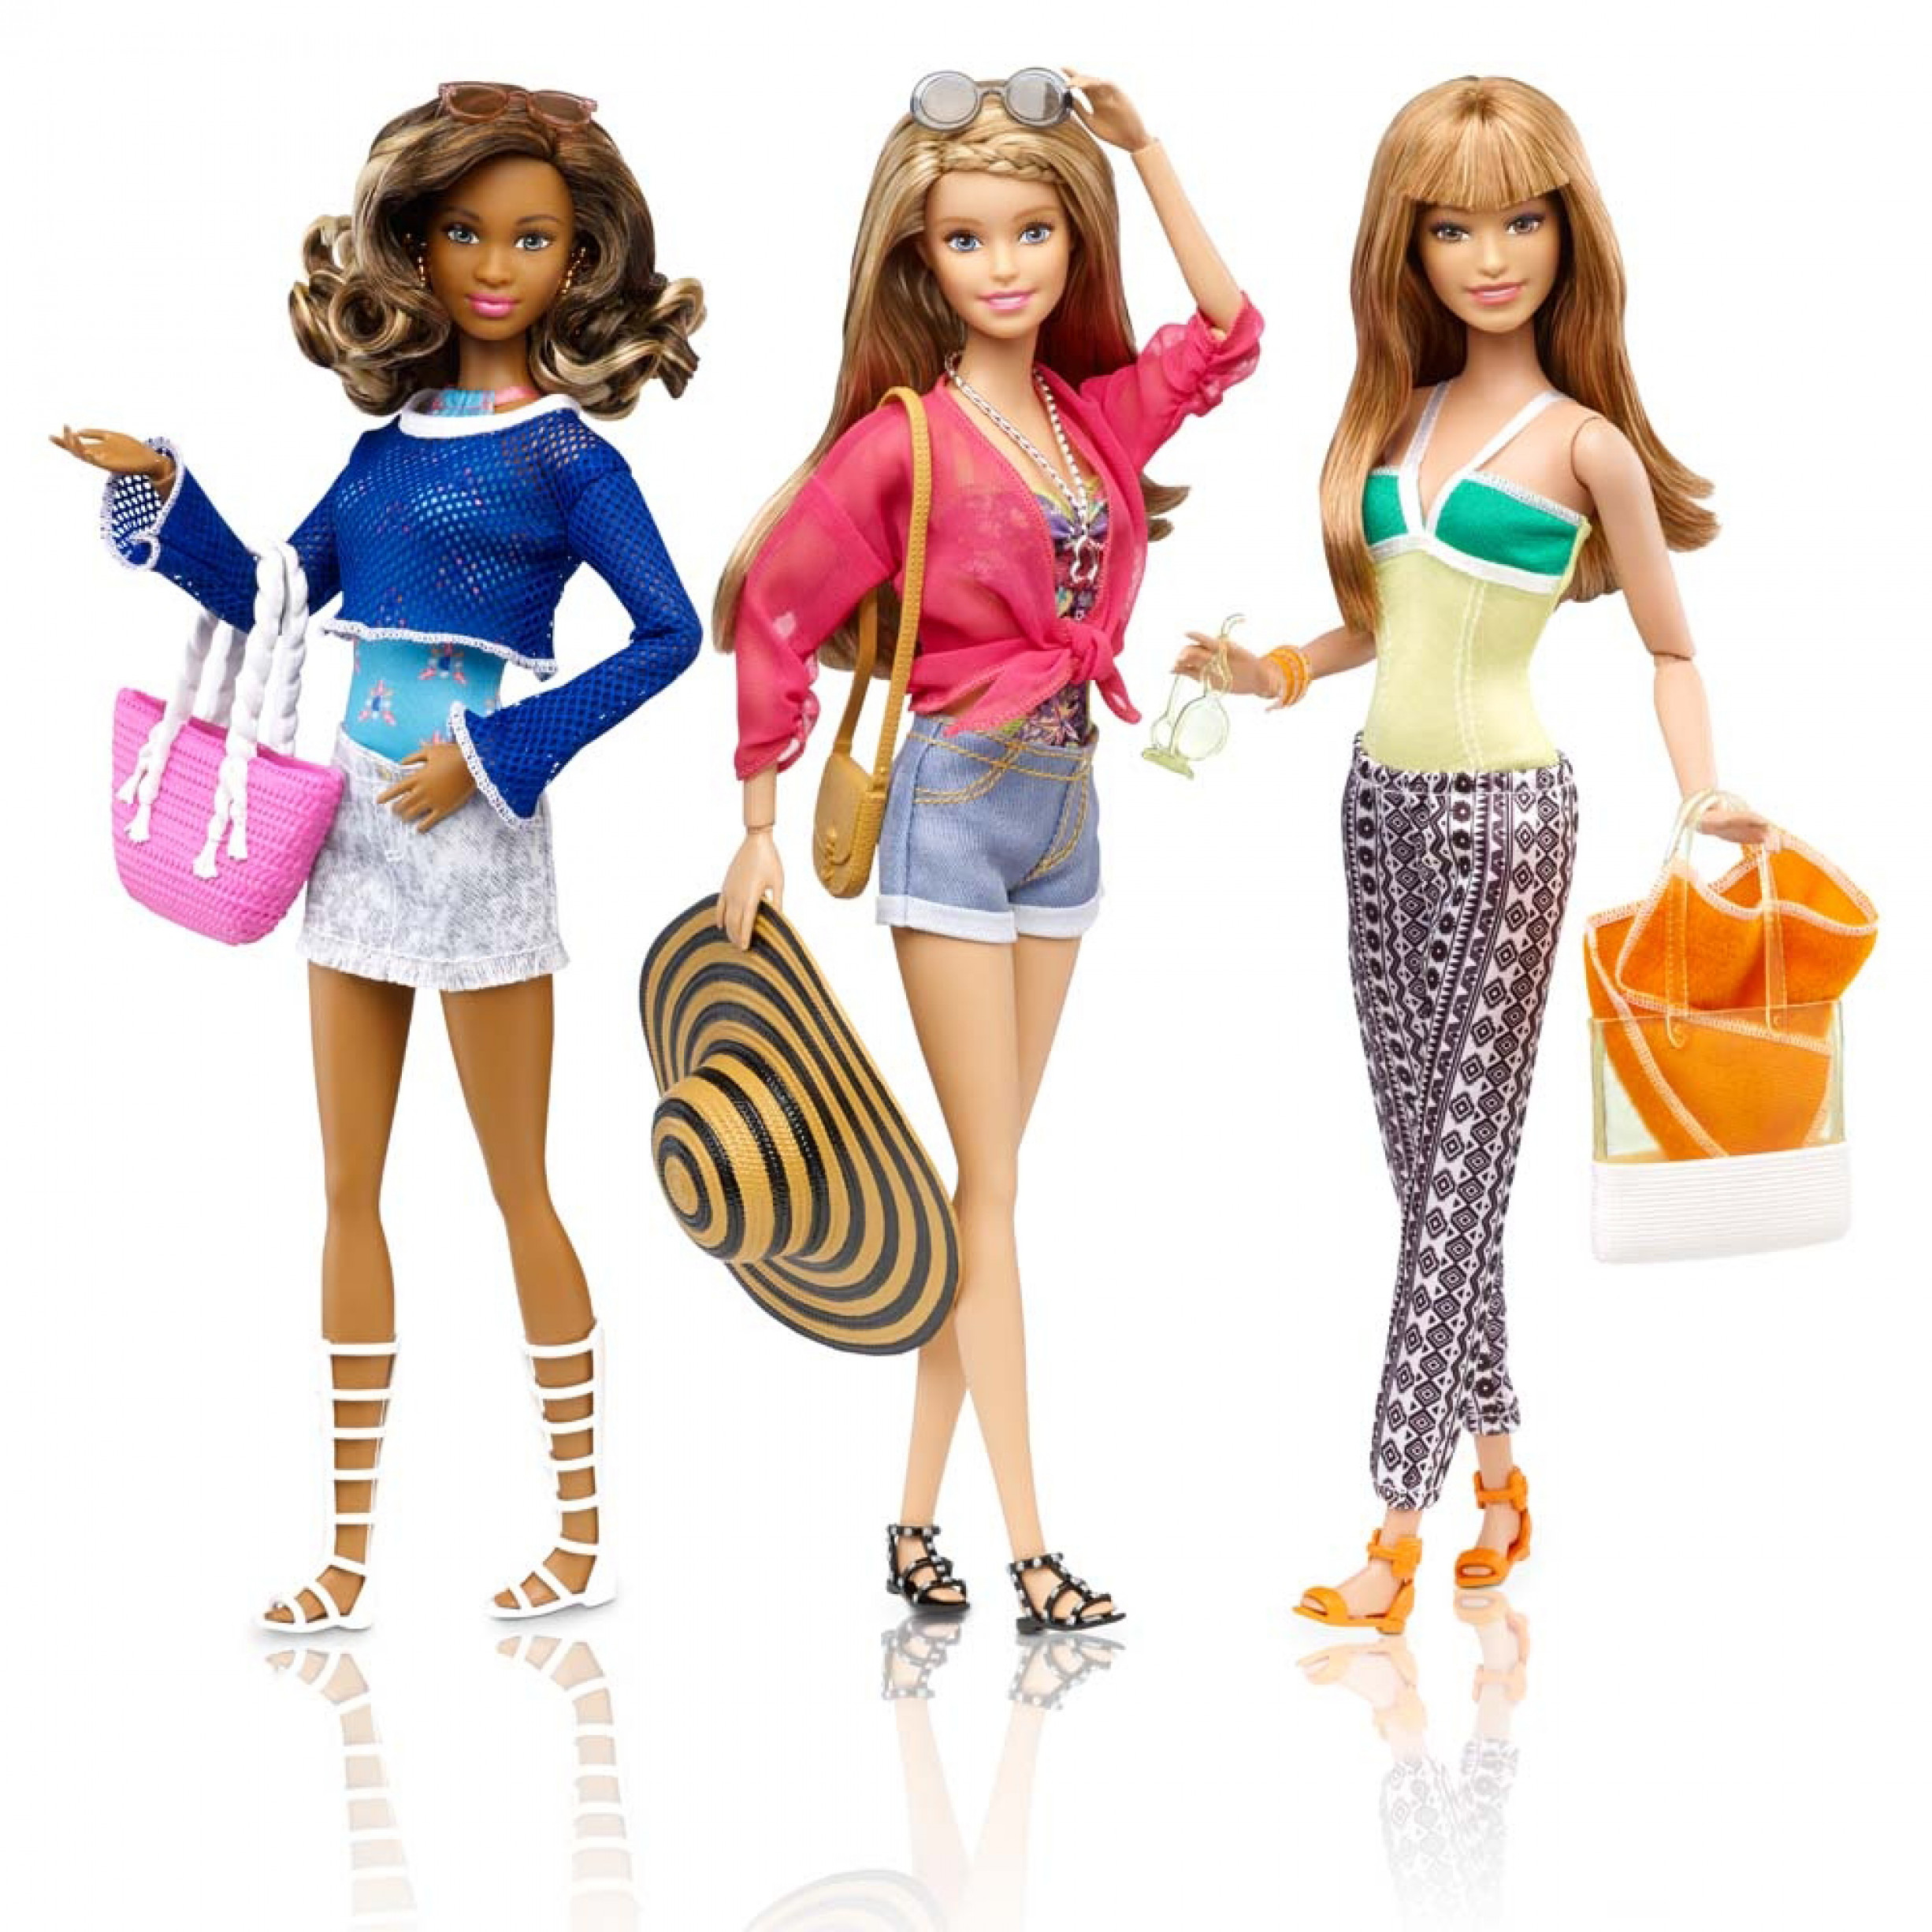 Búp bê Barbie, người đẹp không tuổi đón sinh nhật lần thứ 60 (5/1/2019)